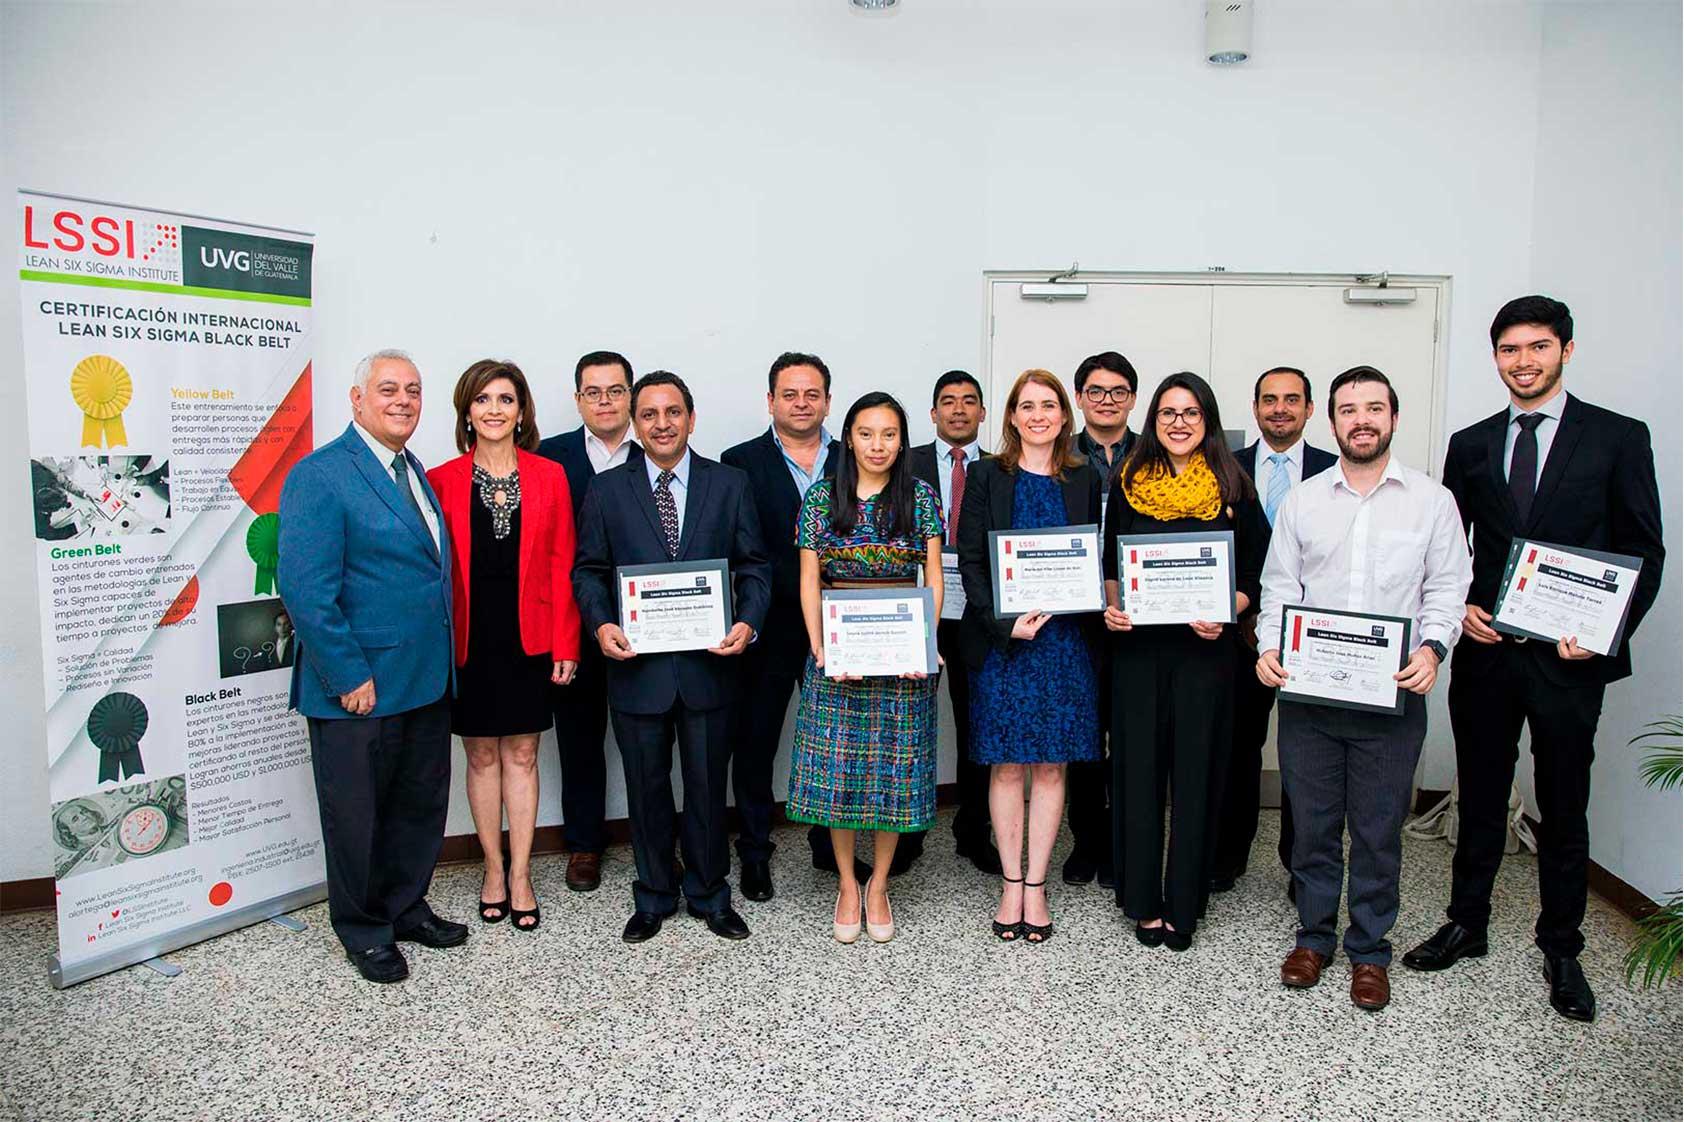 Nuevos expertos en Lean Six Sigma reciben sus certificaciones por UVG Y LSSI